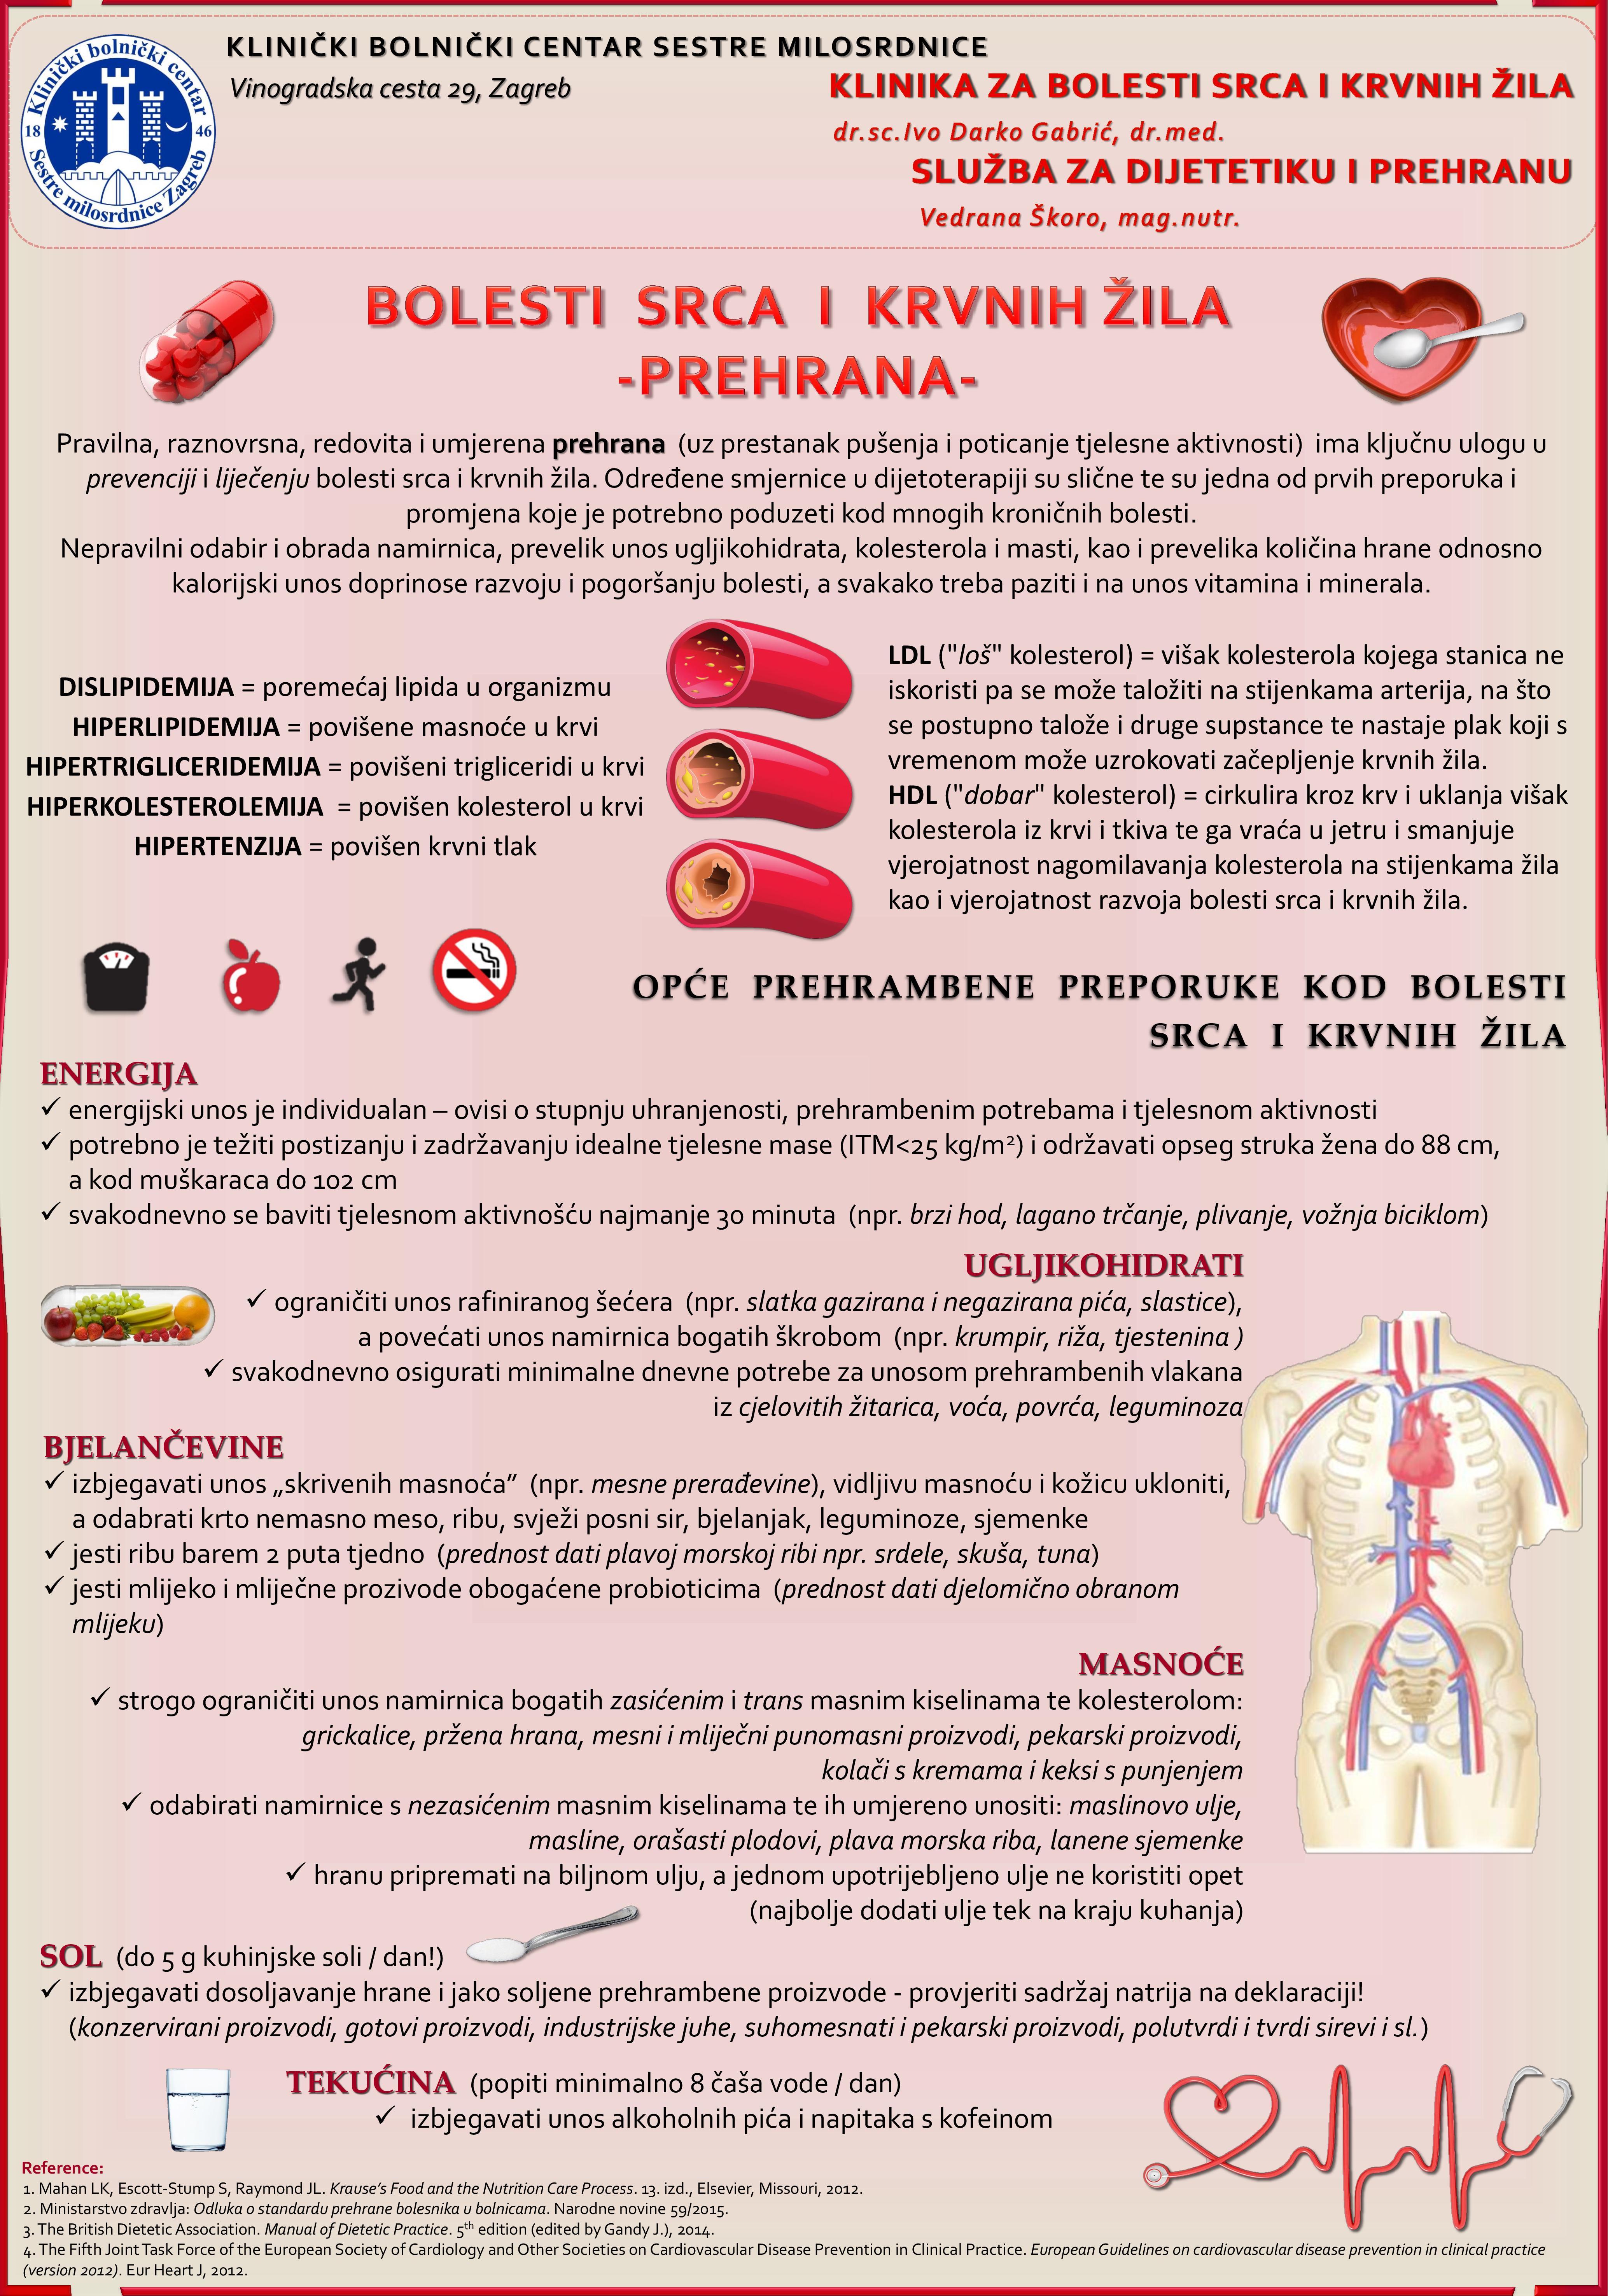 dijeta za hipertenziju u dijabetesu)